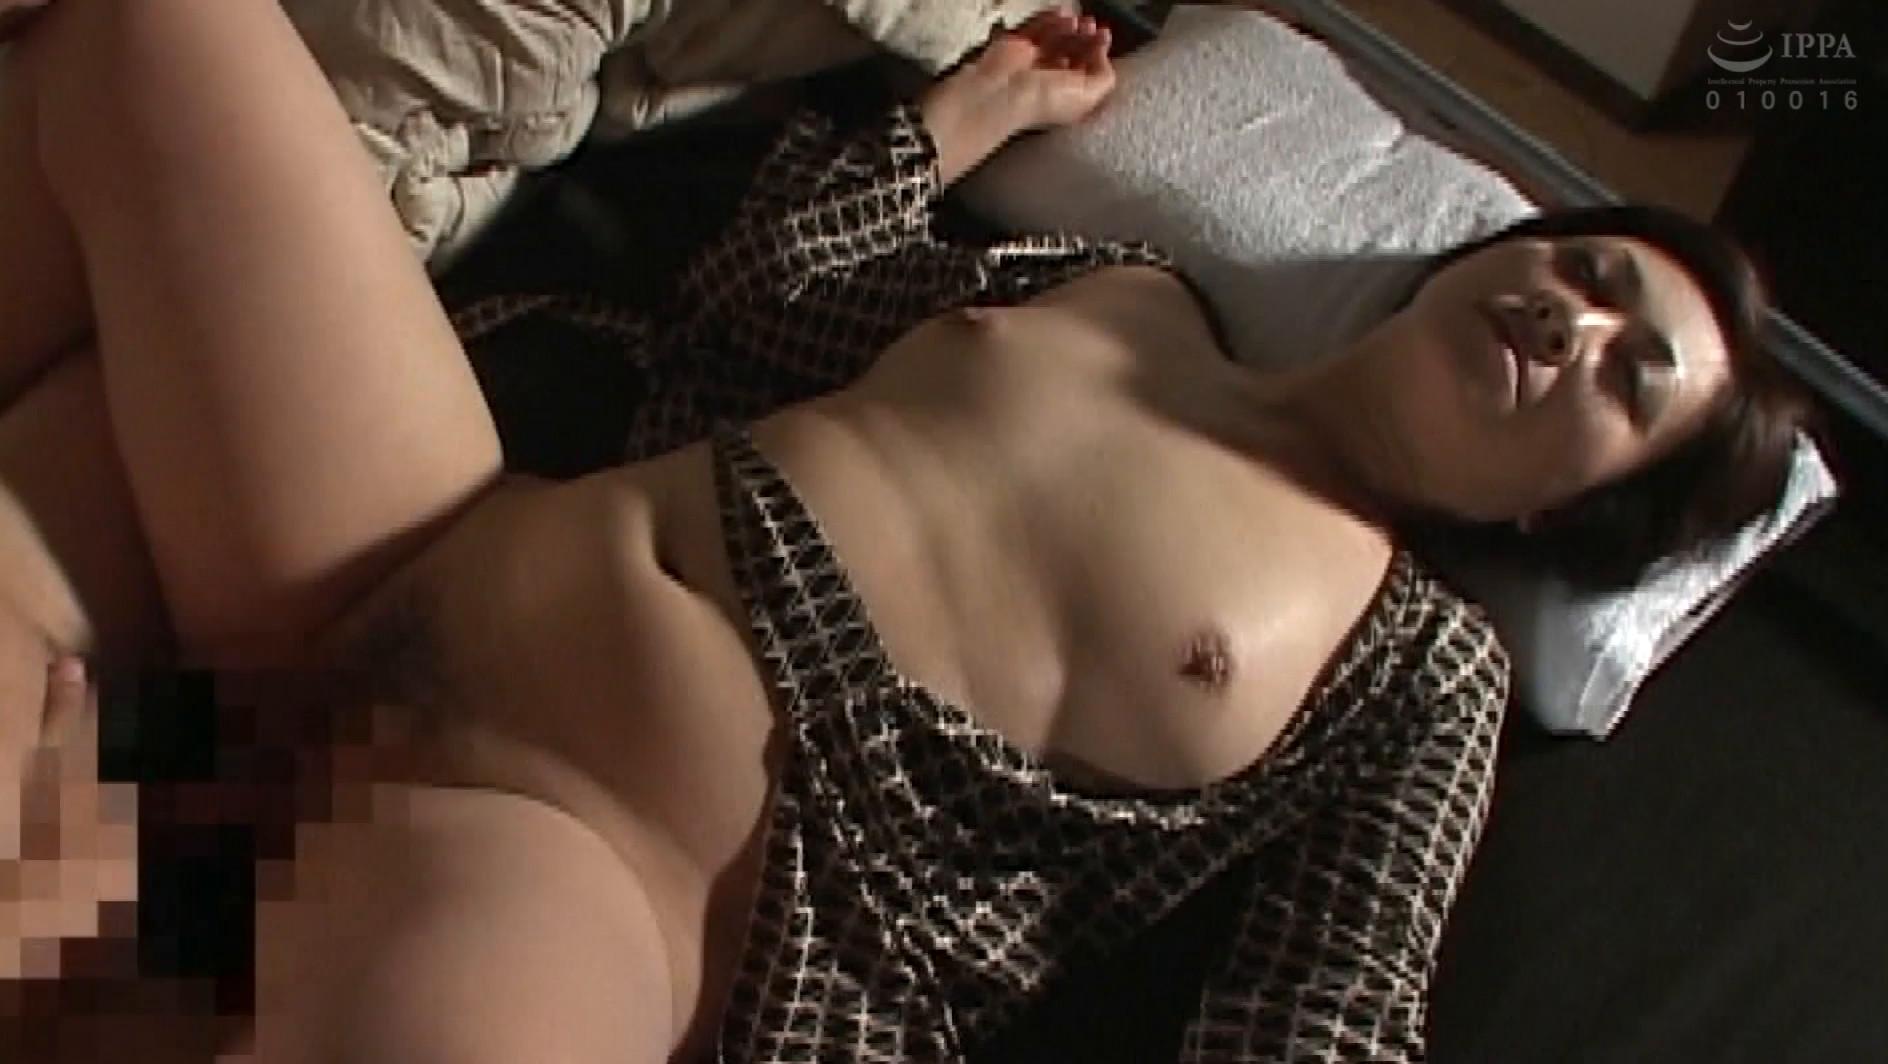 昭和熟女 36人の近親相姦 じっくり、ねっとり、してあげる,のサンプル画像14